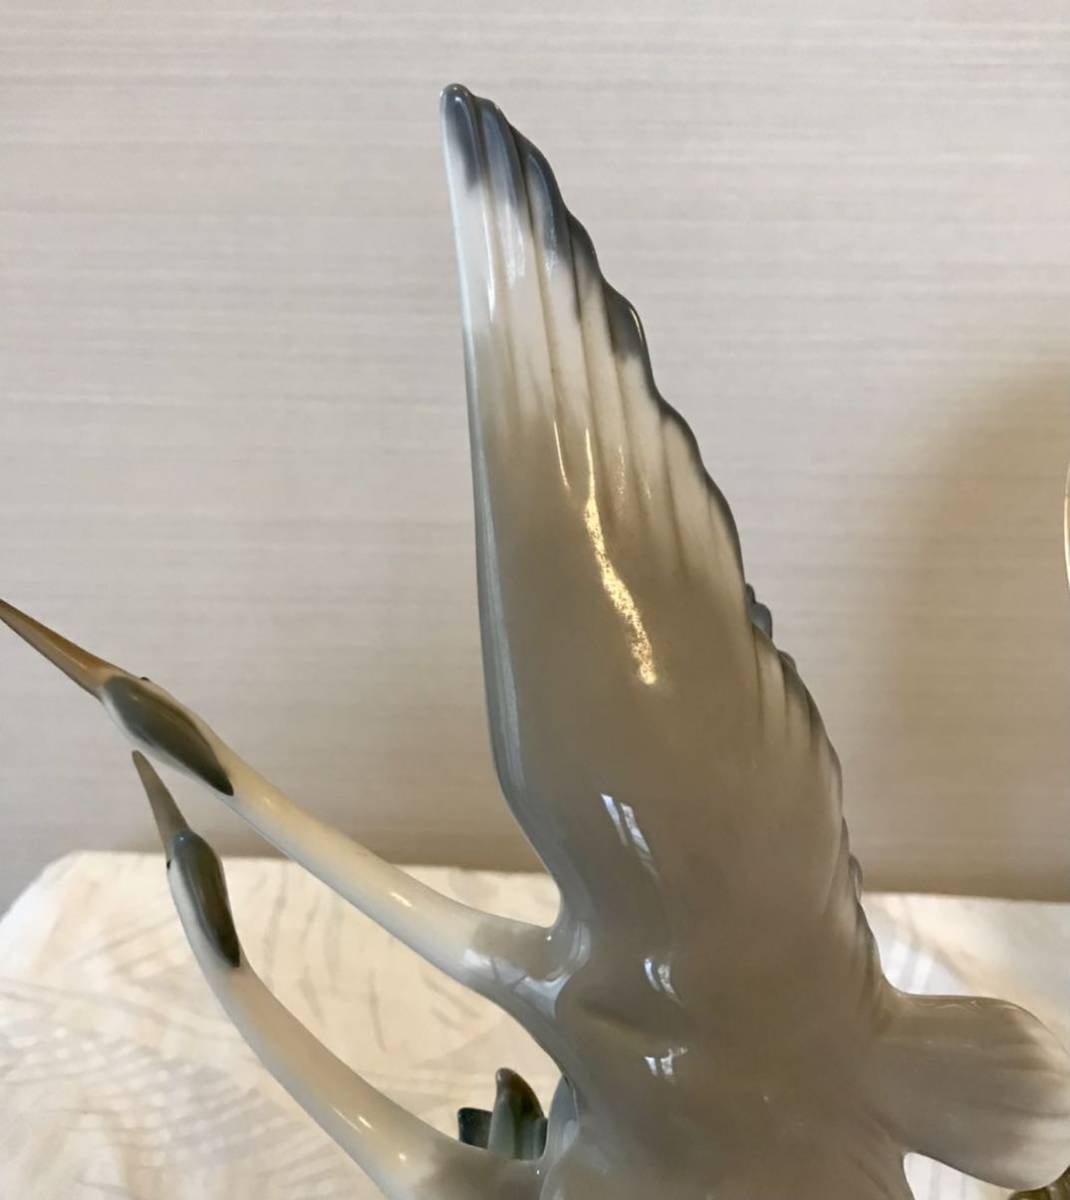 〈送料込〉〈美品〉リヤドロ ナオ 28cm NAO by Lladro バード フィギュリン DAISA 2羽の鳥 サギ 鷺 鶴 bird とり フィギュア 置物_画像7